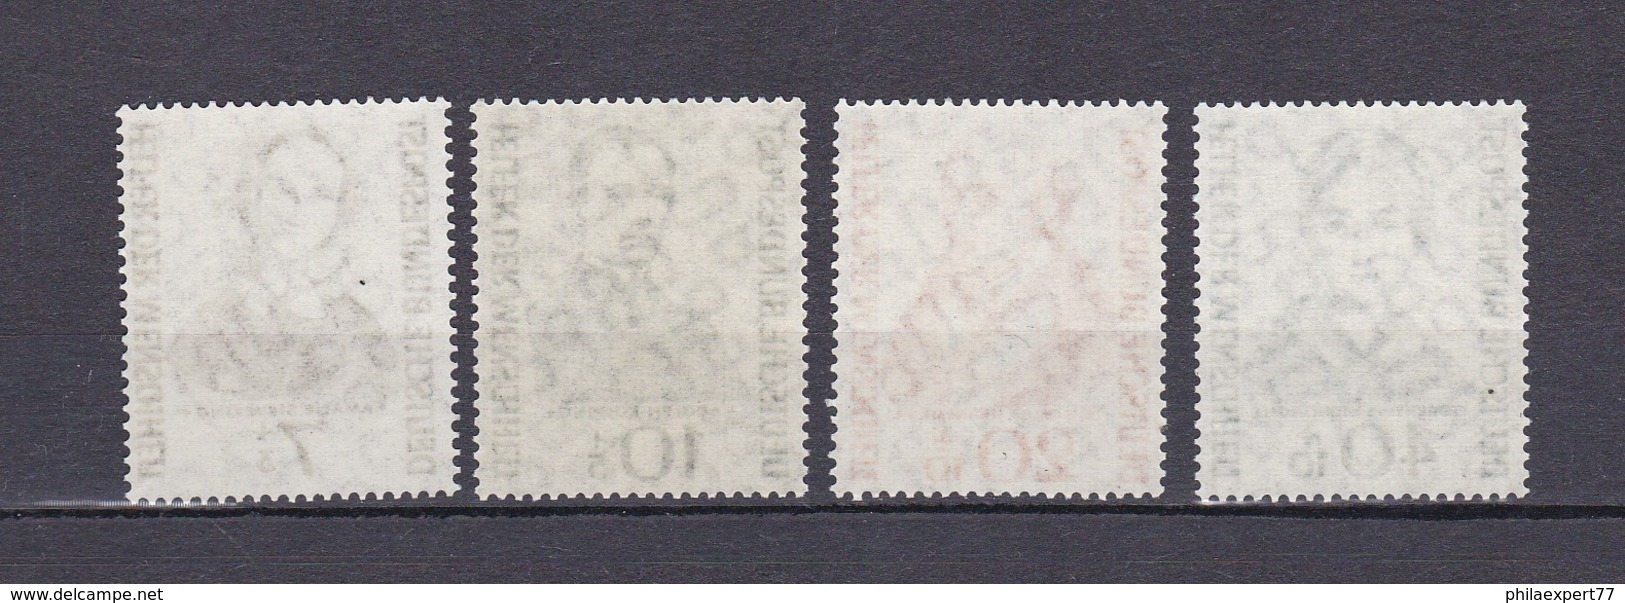 BRD - 1955 - Michel Nr. 222/225 - Postfrisch - 40 Euro - Ungebraucht